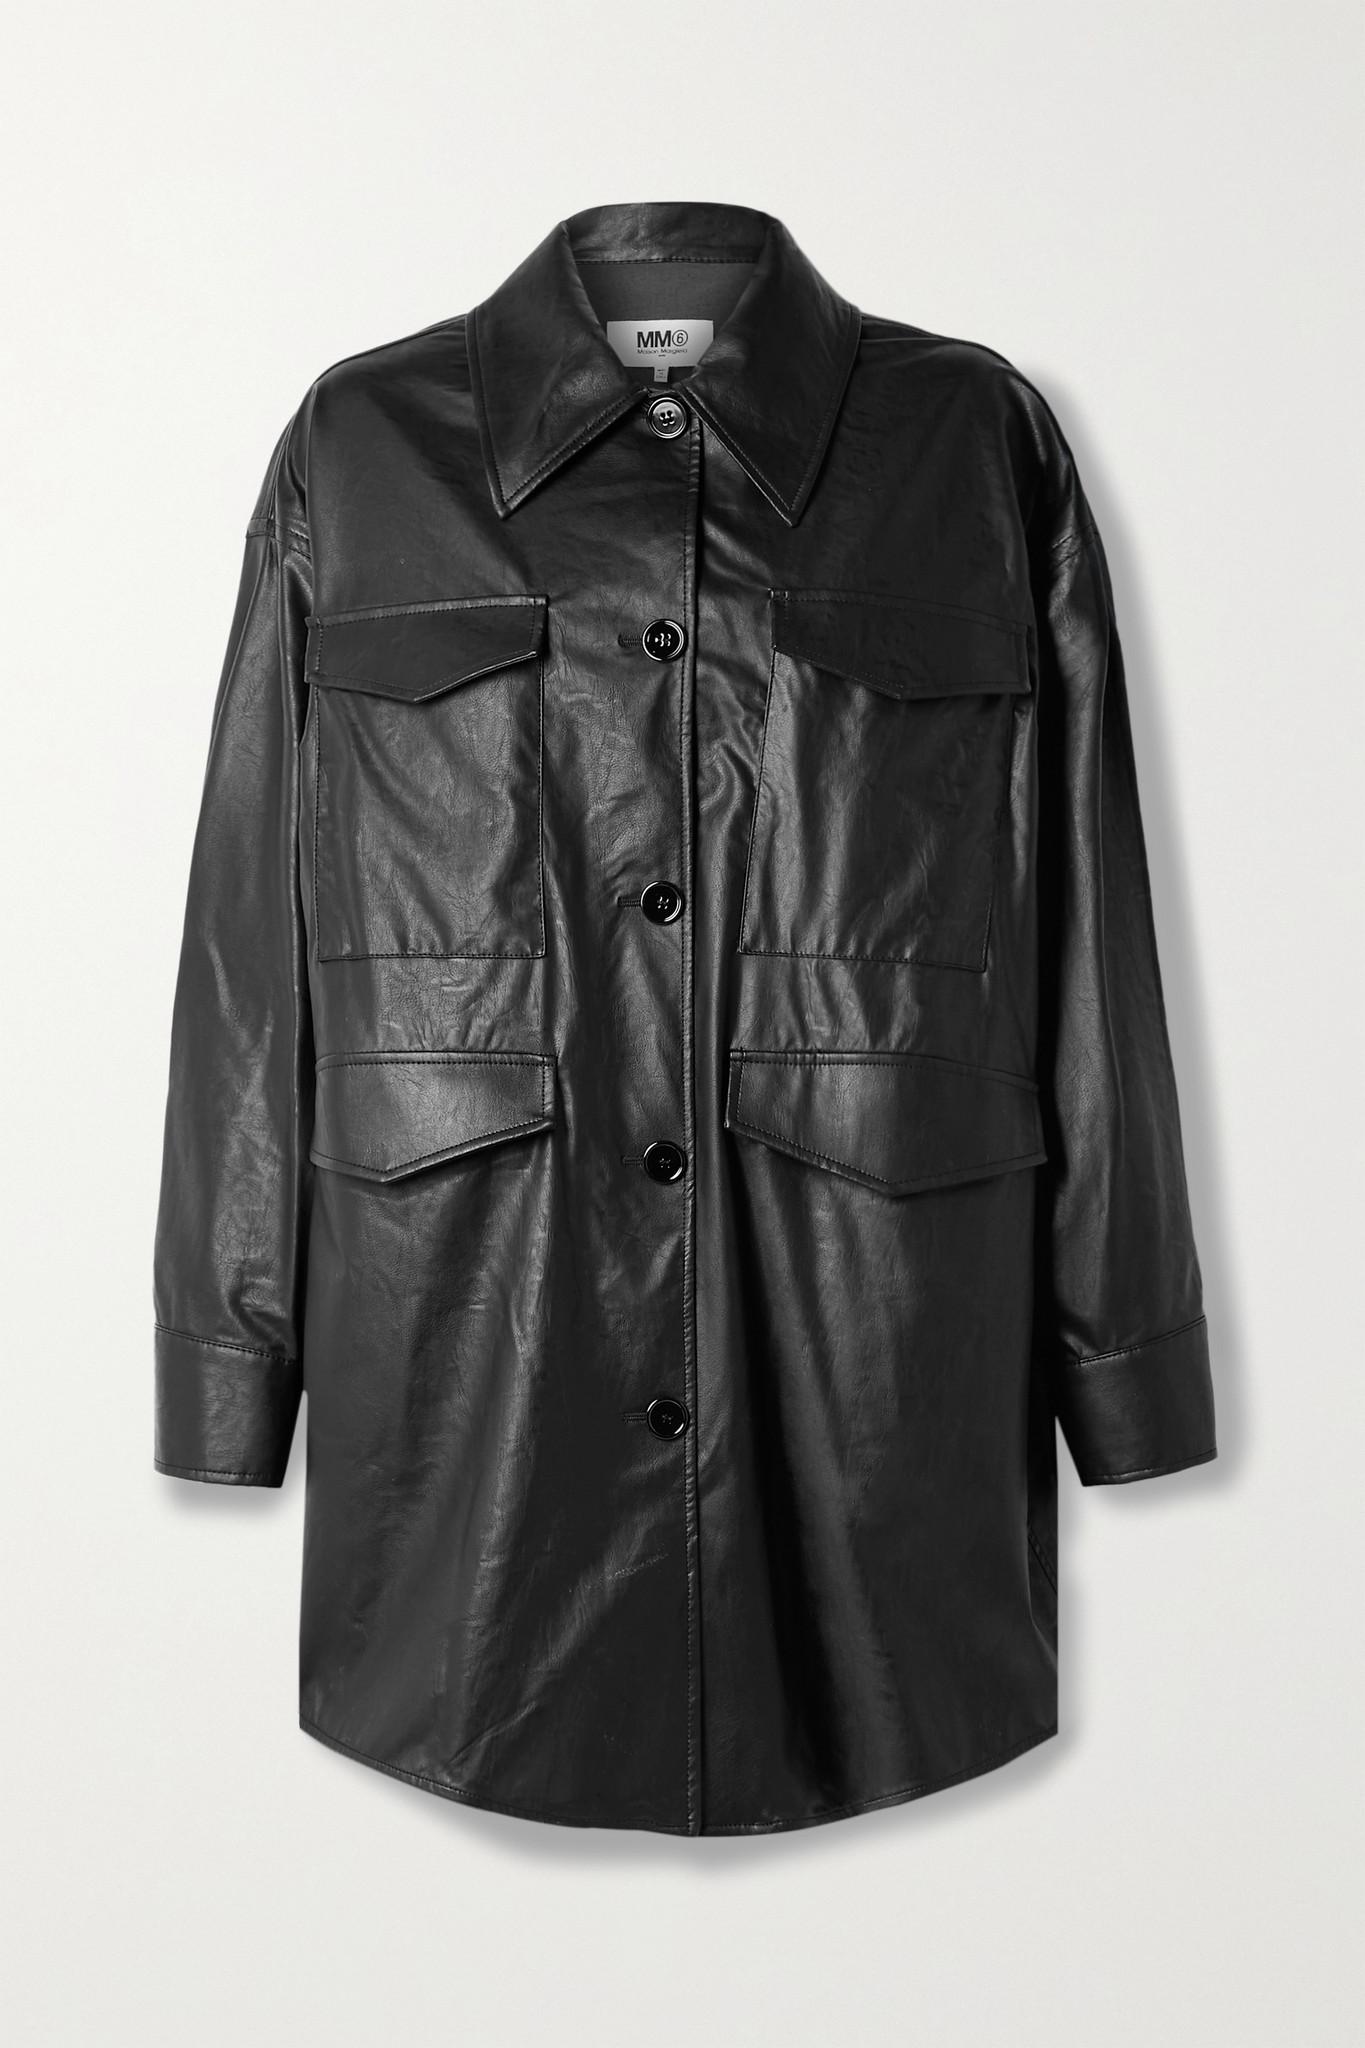 MM6 MAISON MARGIELA - Oversized Faux Leather Jacket - Black - large